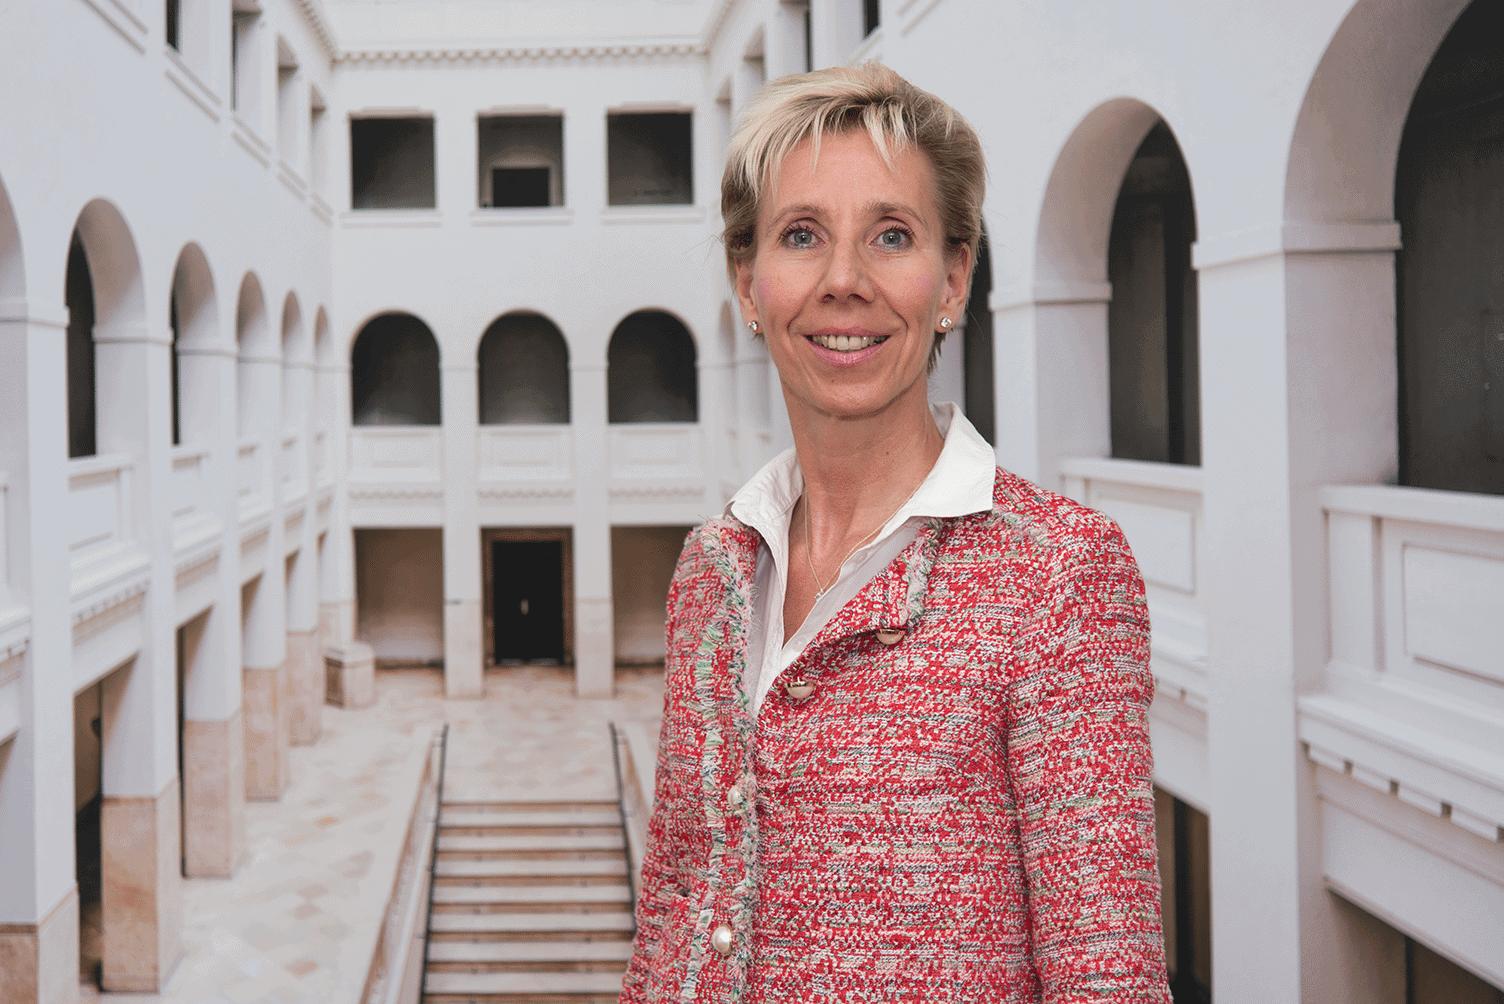 """Prof. Dr. Katarina Adam, """"Viele Token-Anwendungen sind es nicht wert, gelauncht zu werden."""" Prof. Dr.-Ing. Katarina Adam von der HTW Berlin im Interview"""